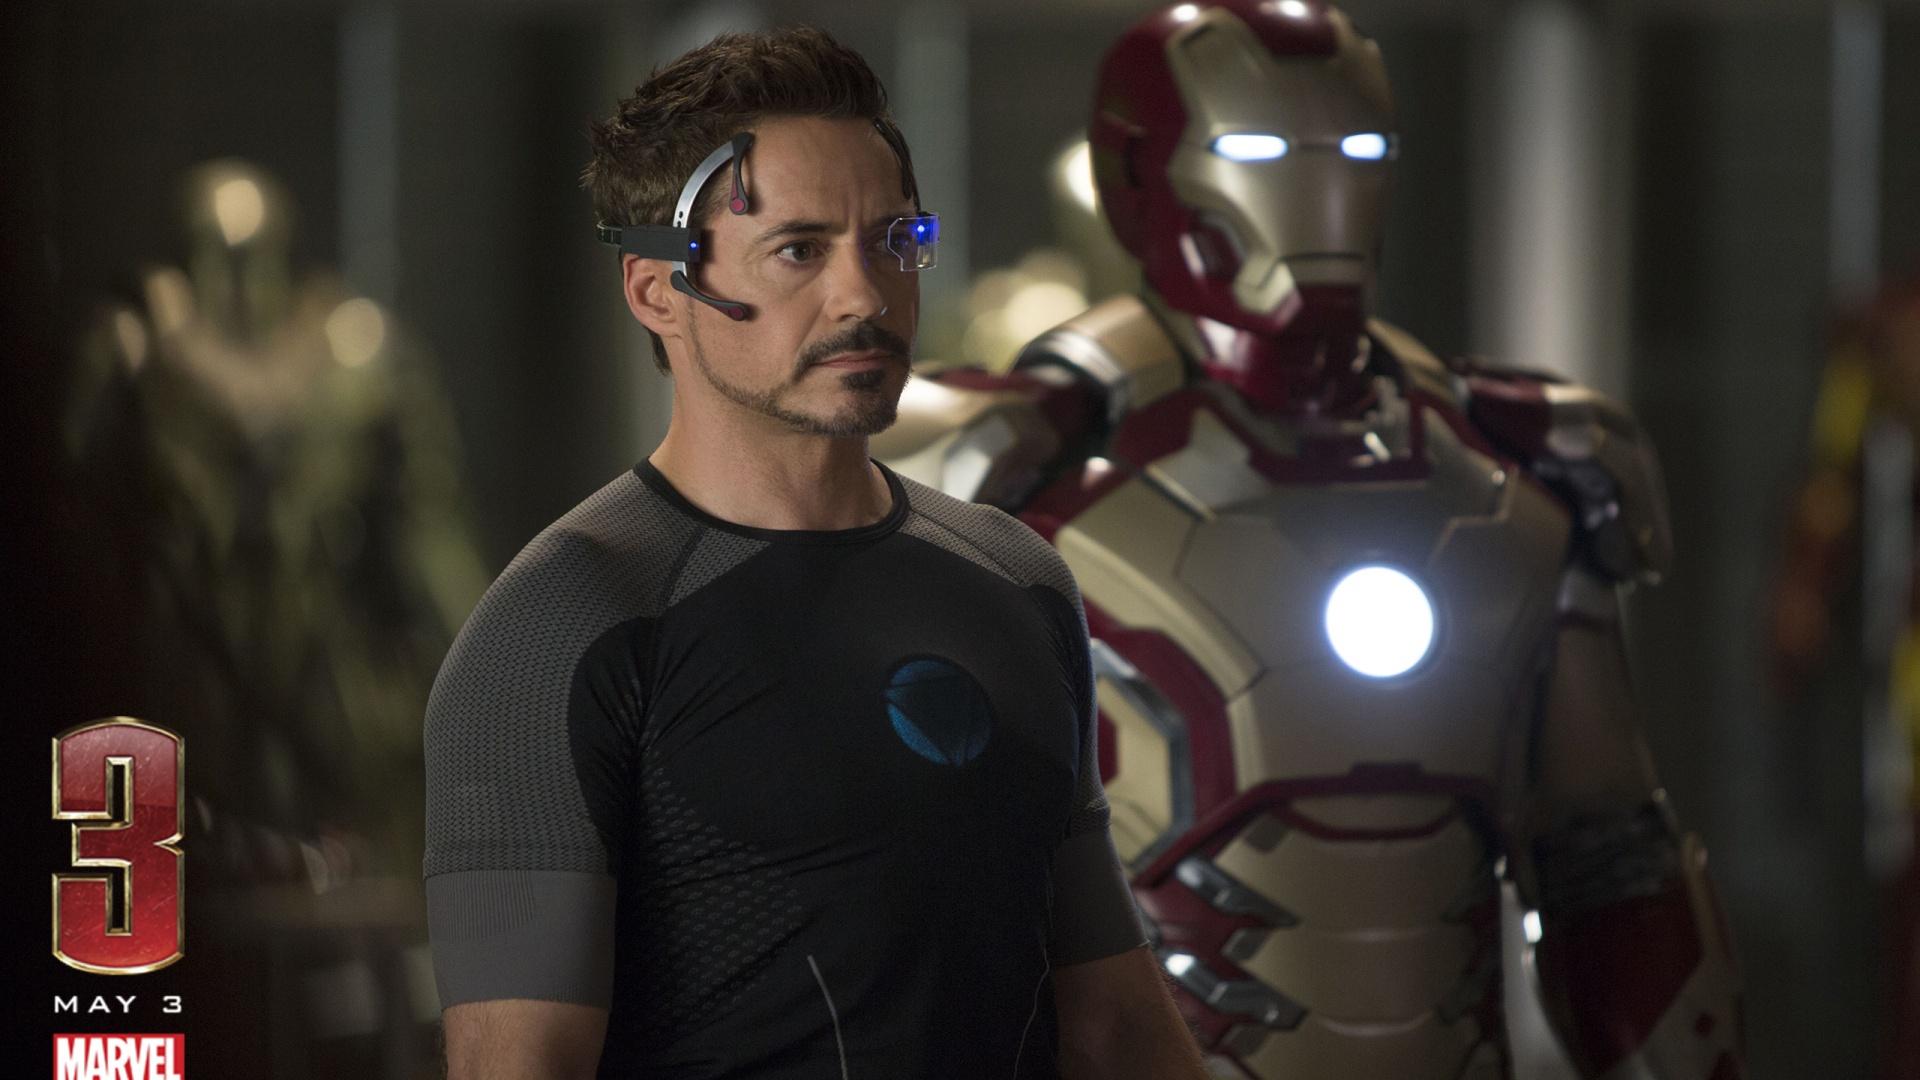 Robert Downey Jr Iron Man 3 Hd Wallpaper